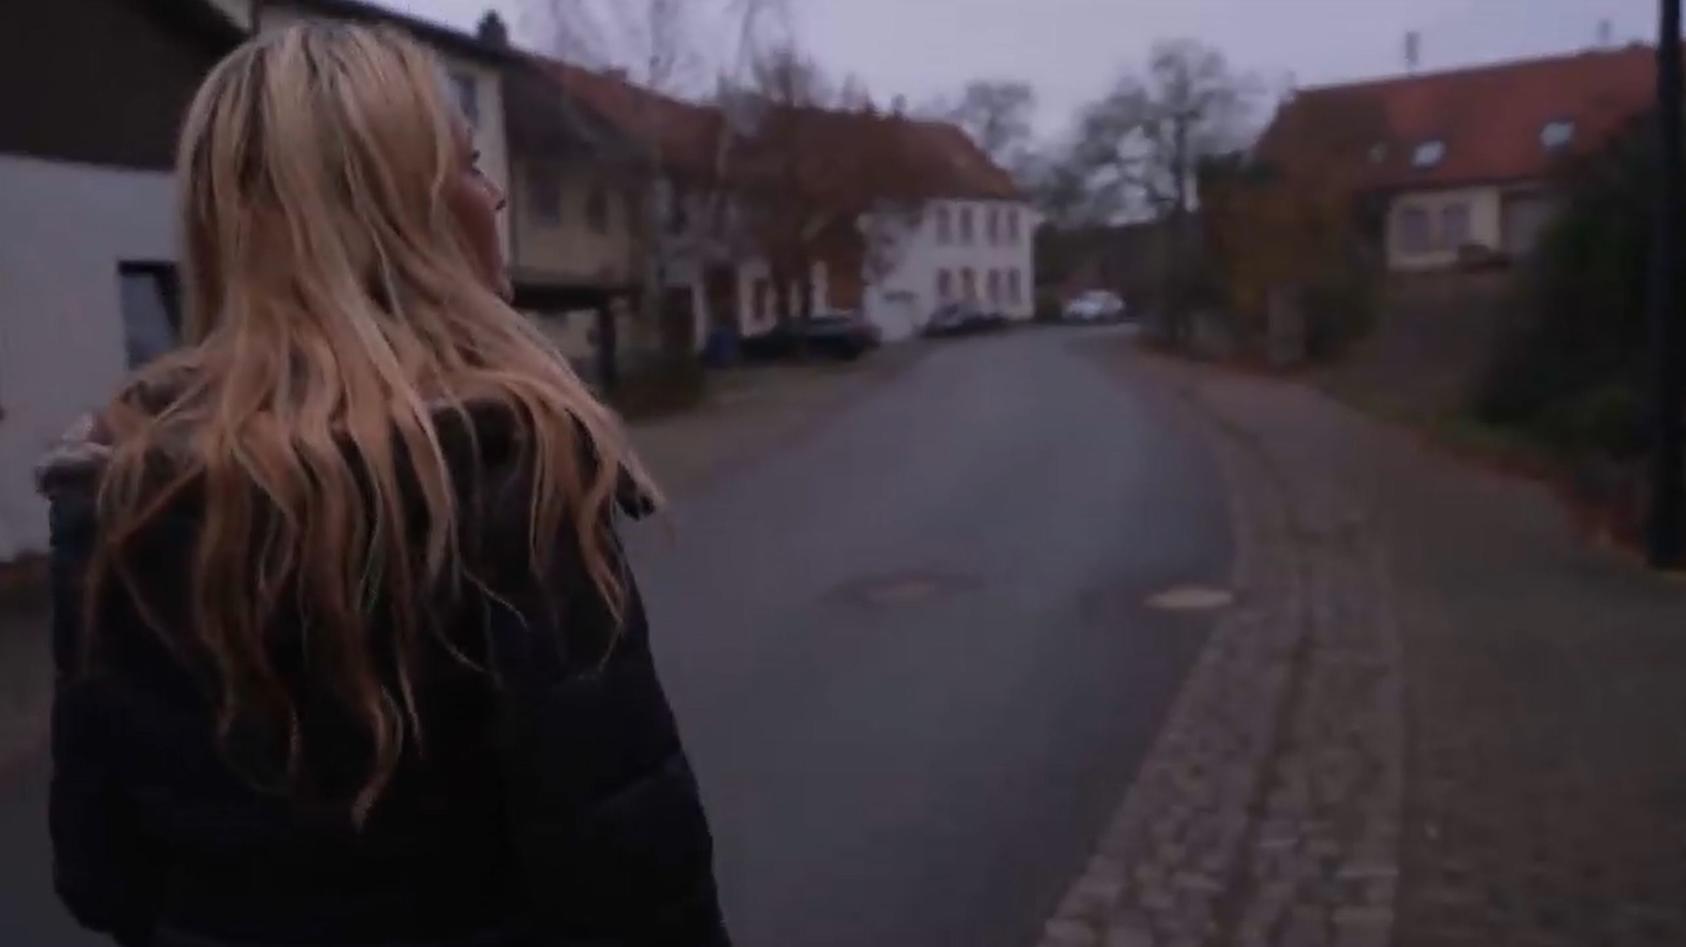 RTL-Reporterin Melanie Britz recherchierte in Kleinbundenbach.